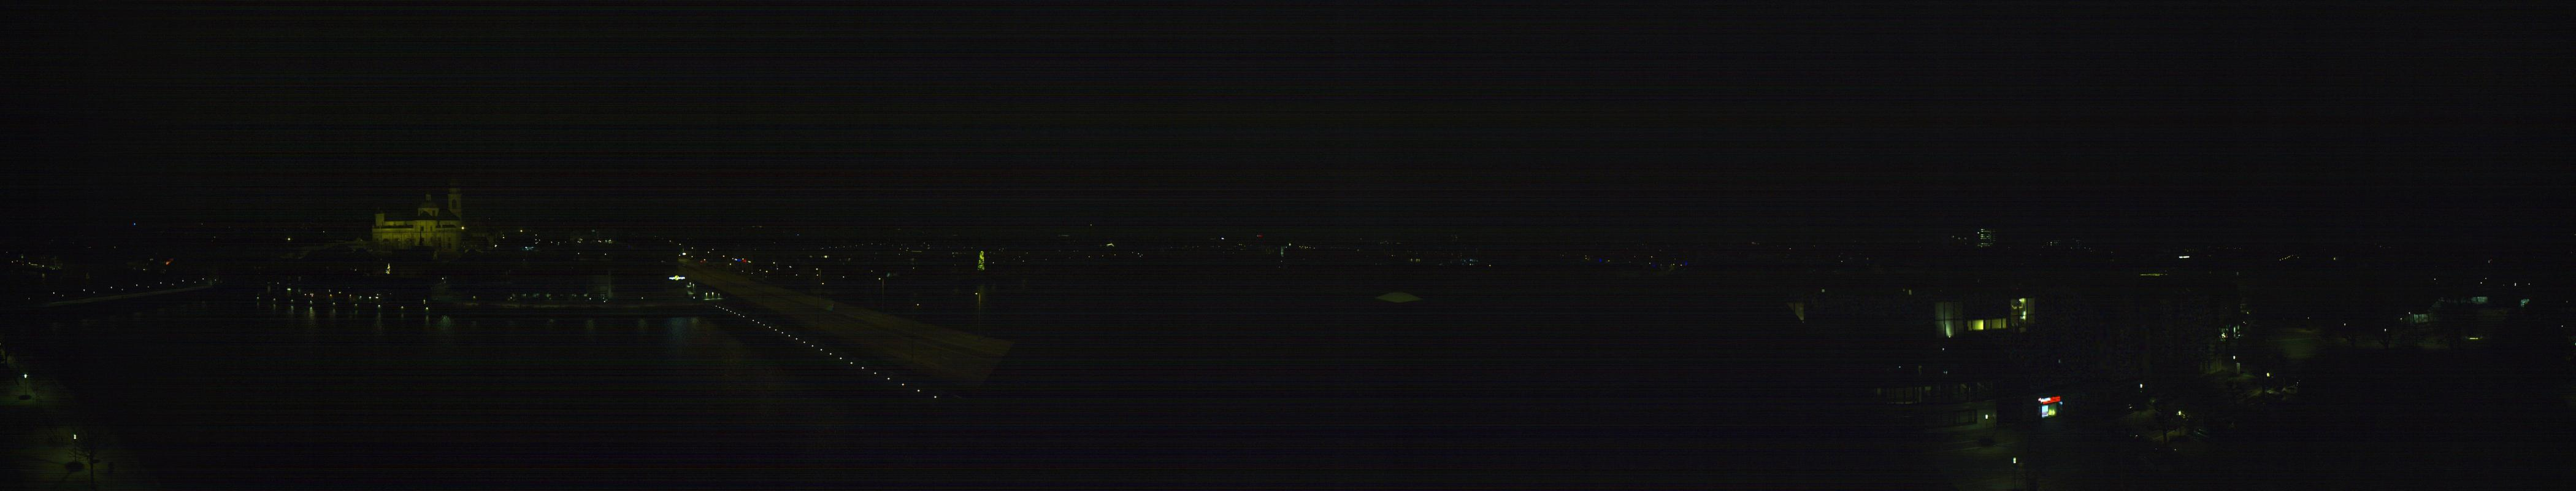 18h ago - 22:30